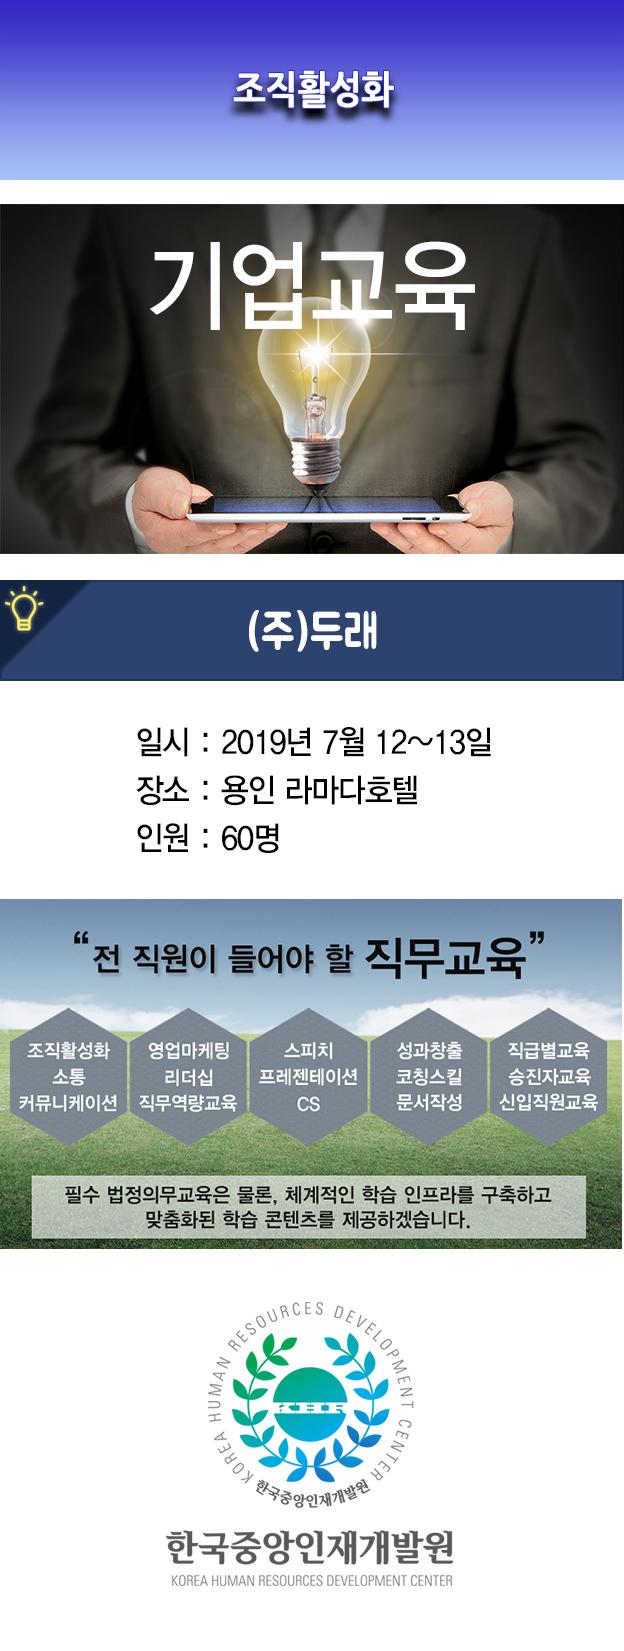 한국중앙인재개발원 공지사항_두래.jpg